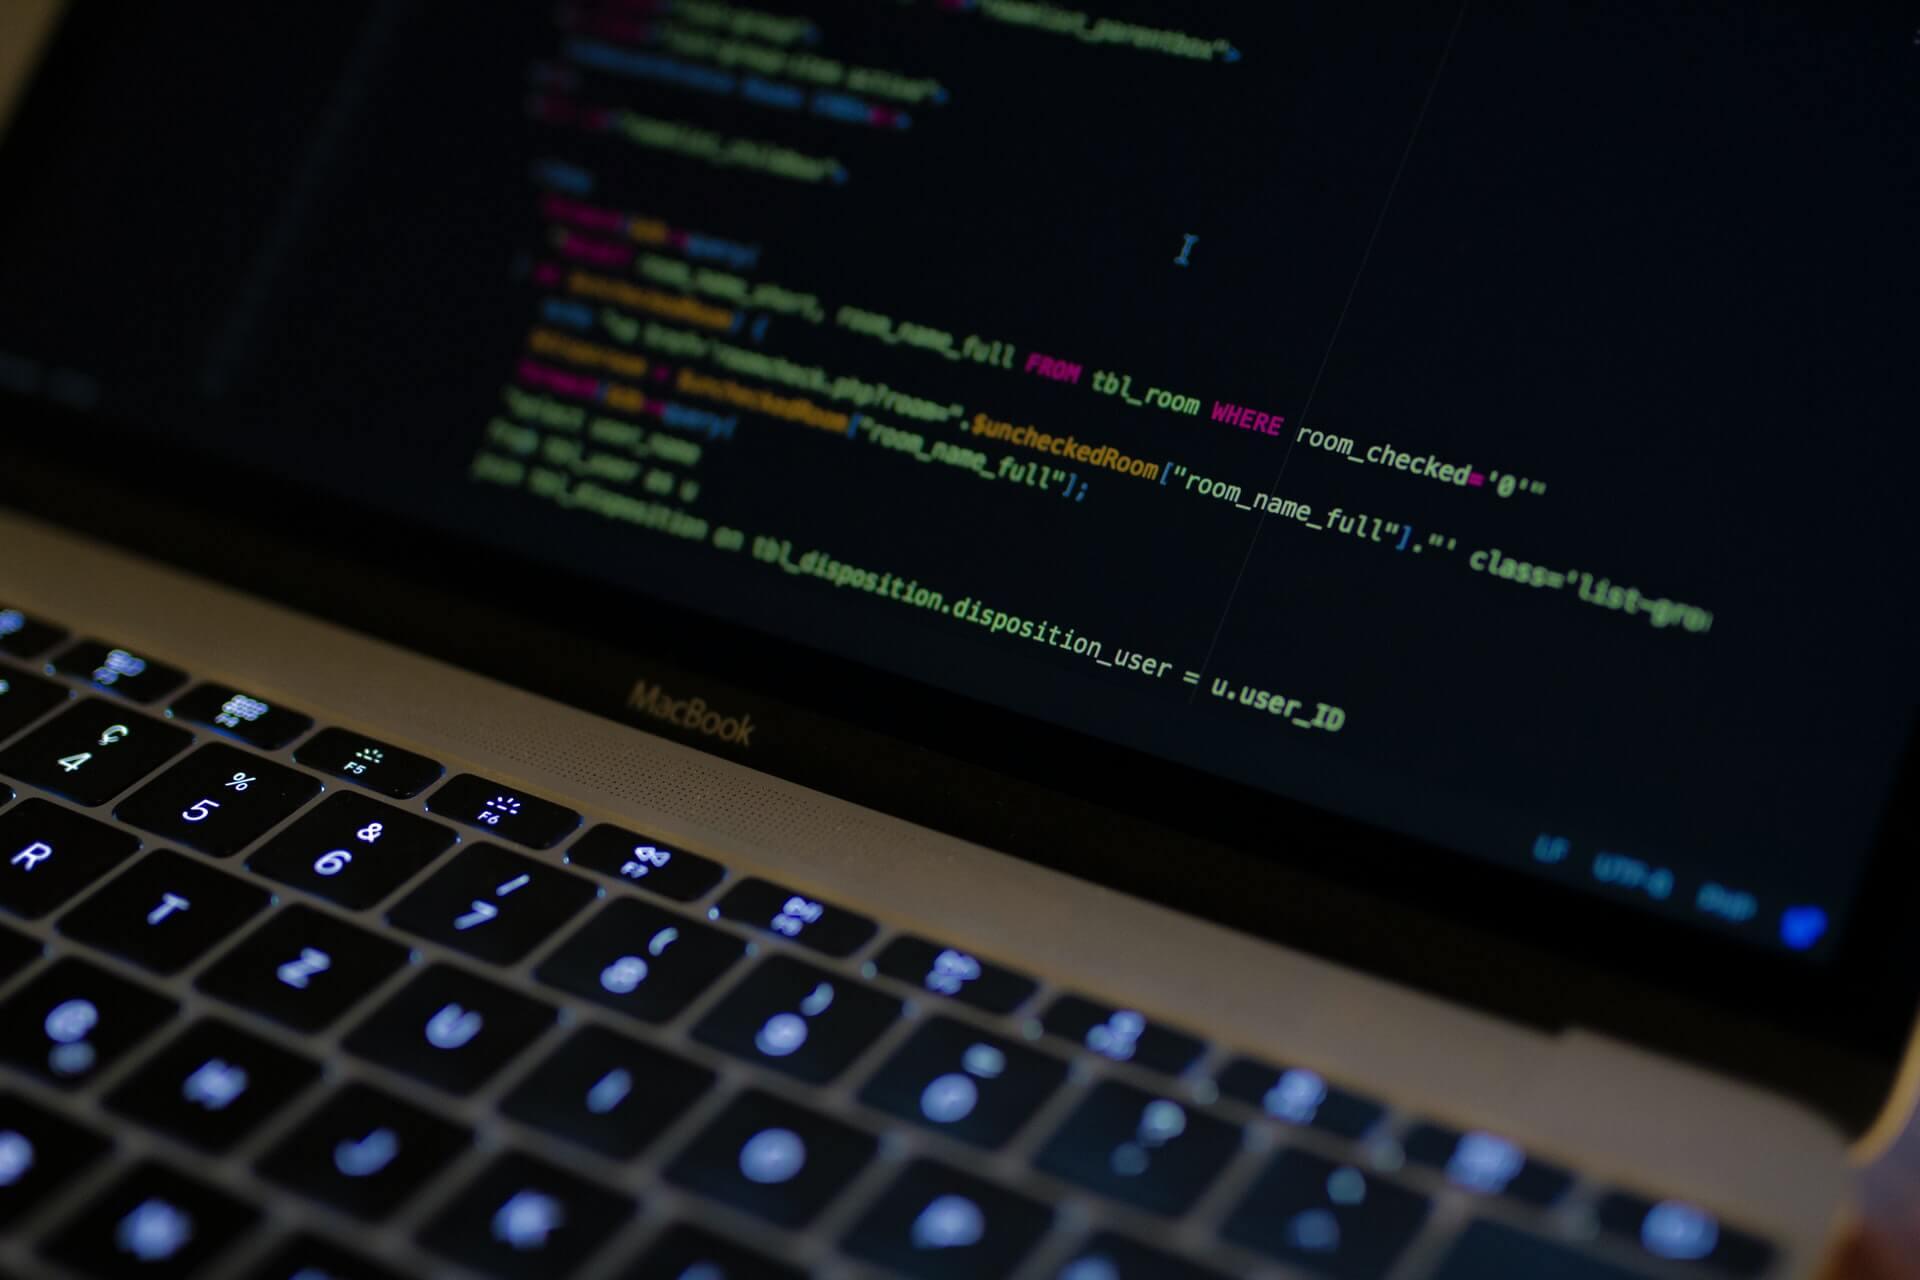 エクセルを使ってMySQLデータを作成で作業効率アップ【超おすすめ】